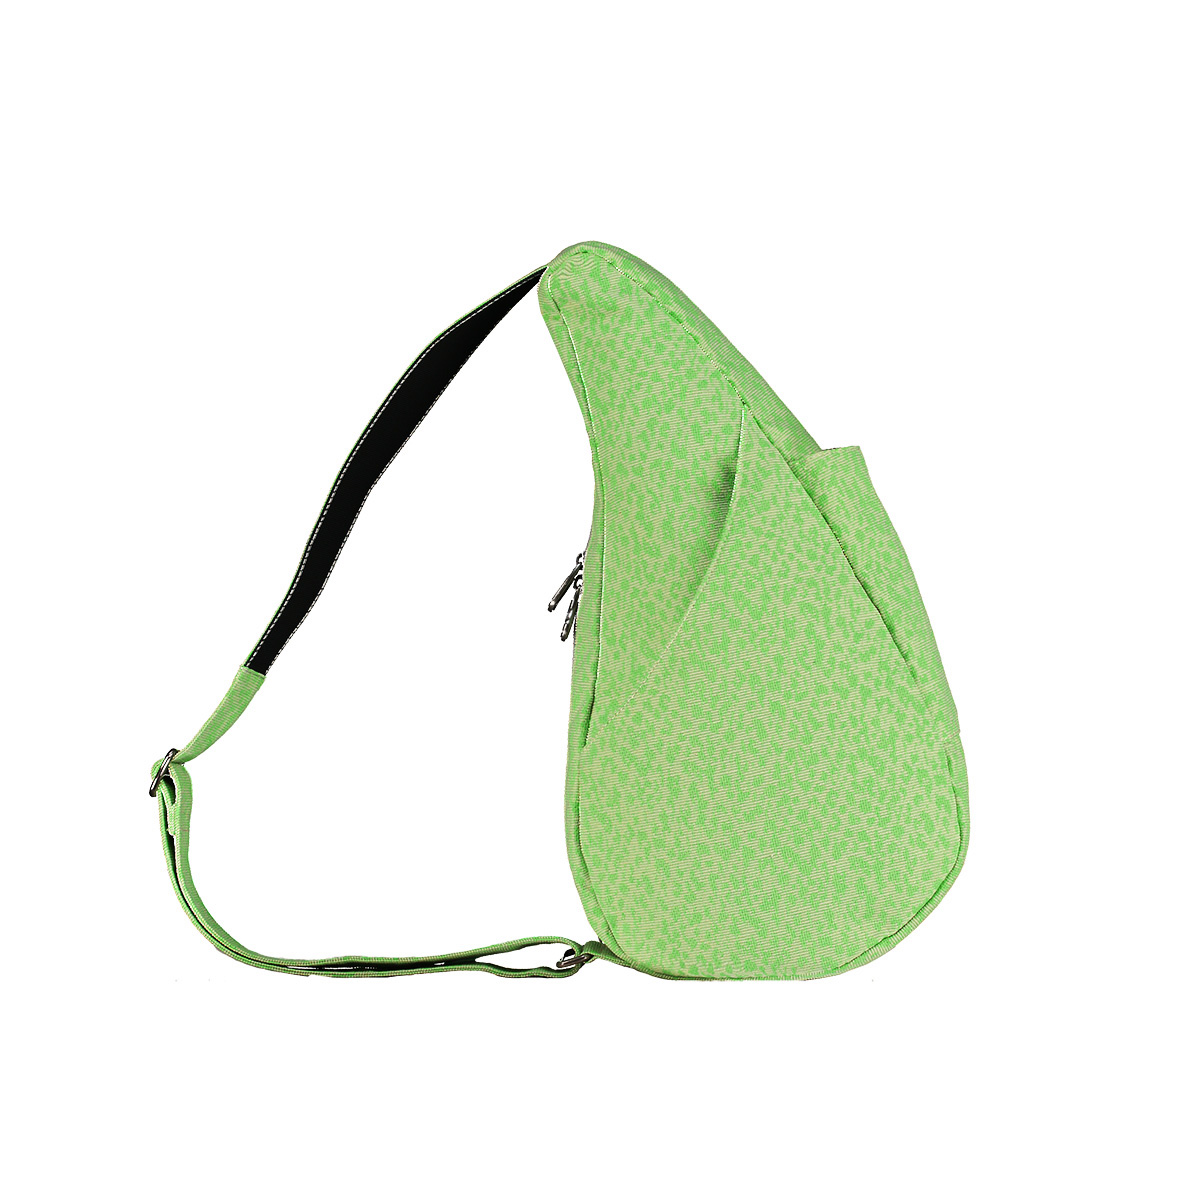 Healthy Back Bag/ヘルシーバックバッグ/ショルダーバッグ/ボディバッグ/旅行バッグ/軽量/レディース/メンズ 公式ストア ヘルシーバックバッグ フィジタル Sサイズ ネオミント